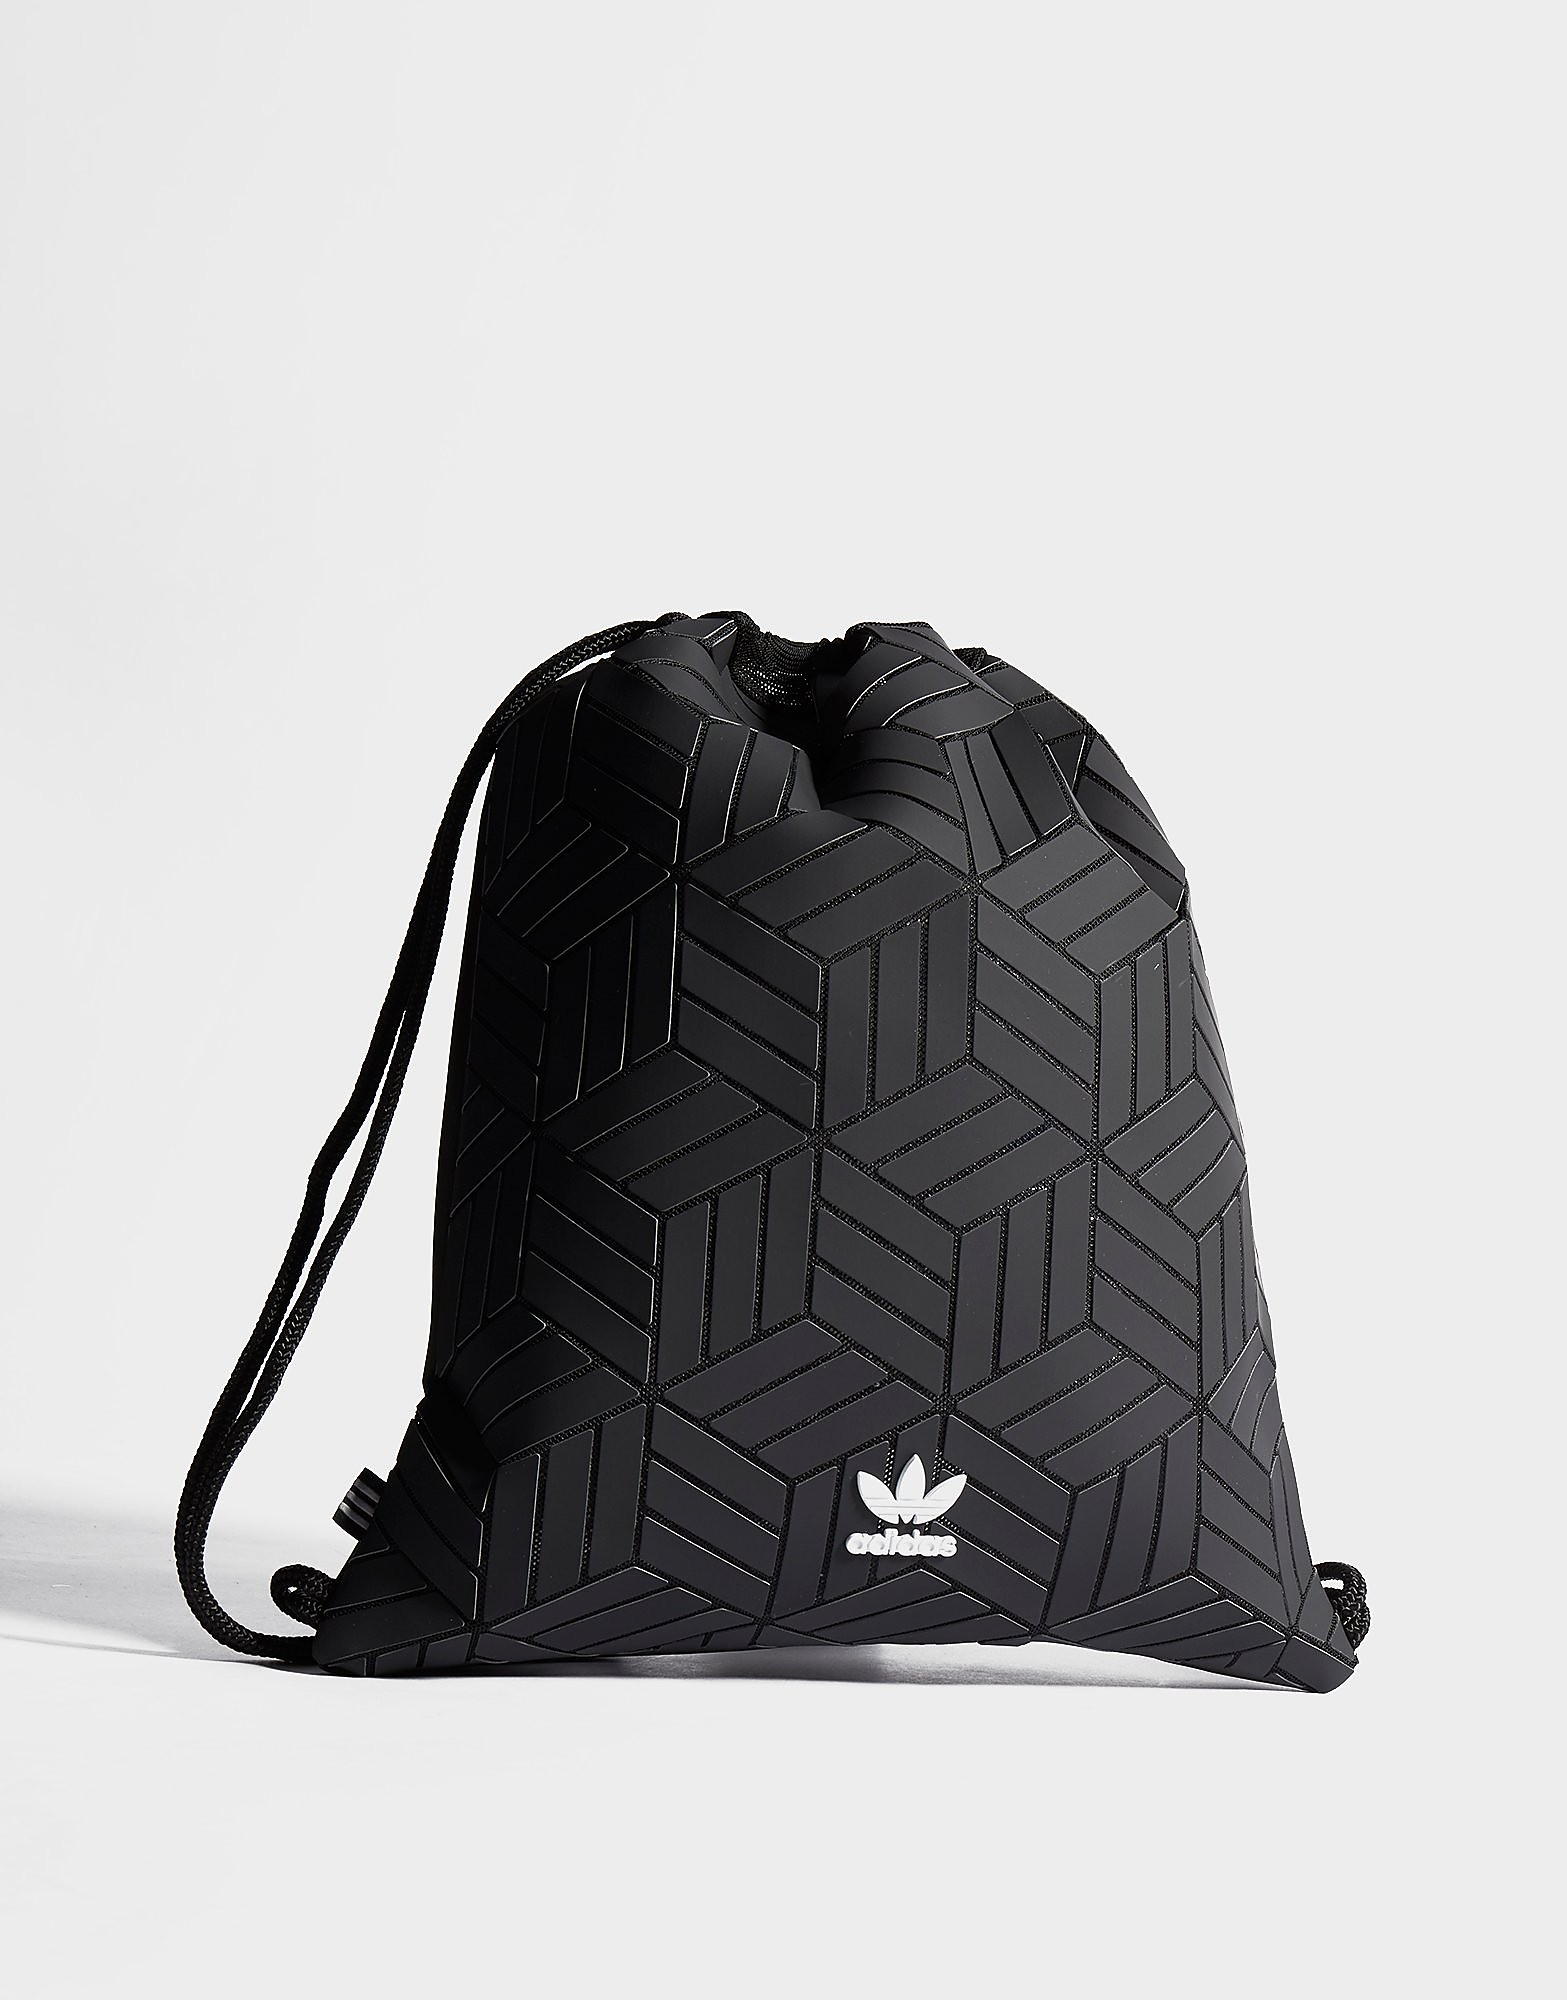 00218bc7b46 Adidas tassen - Tassenboef.nl - Online tassen kopen